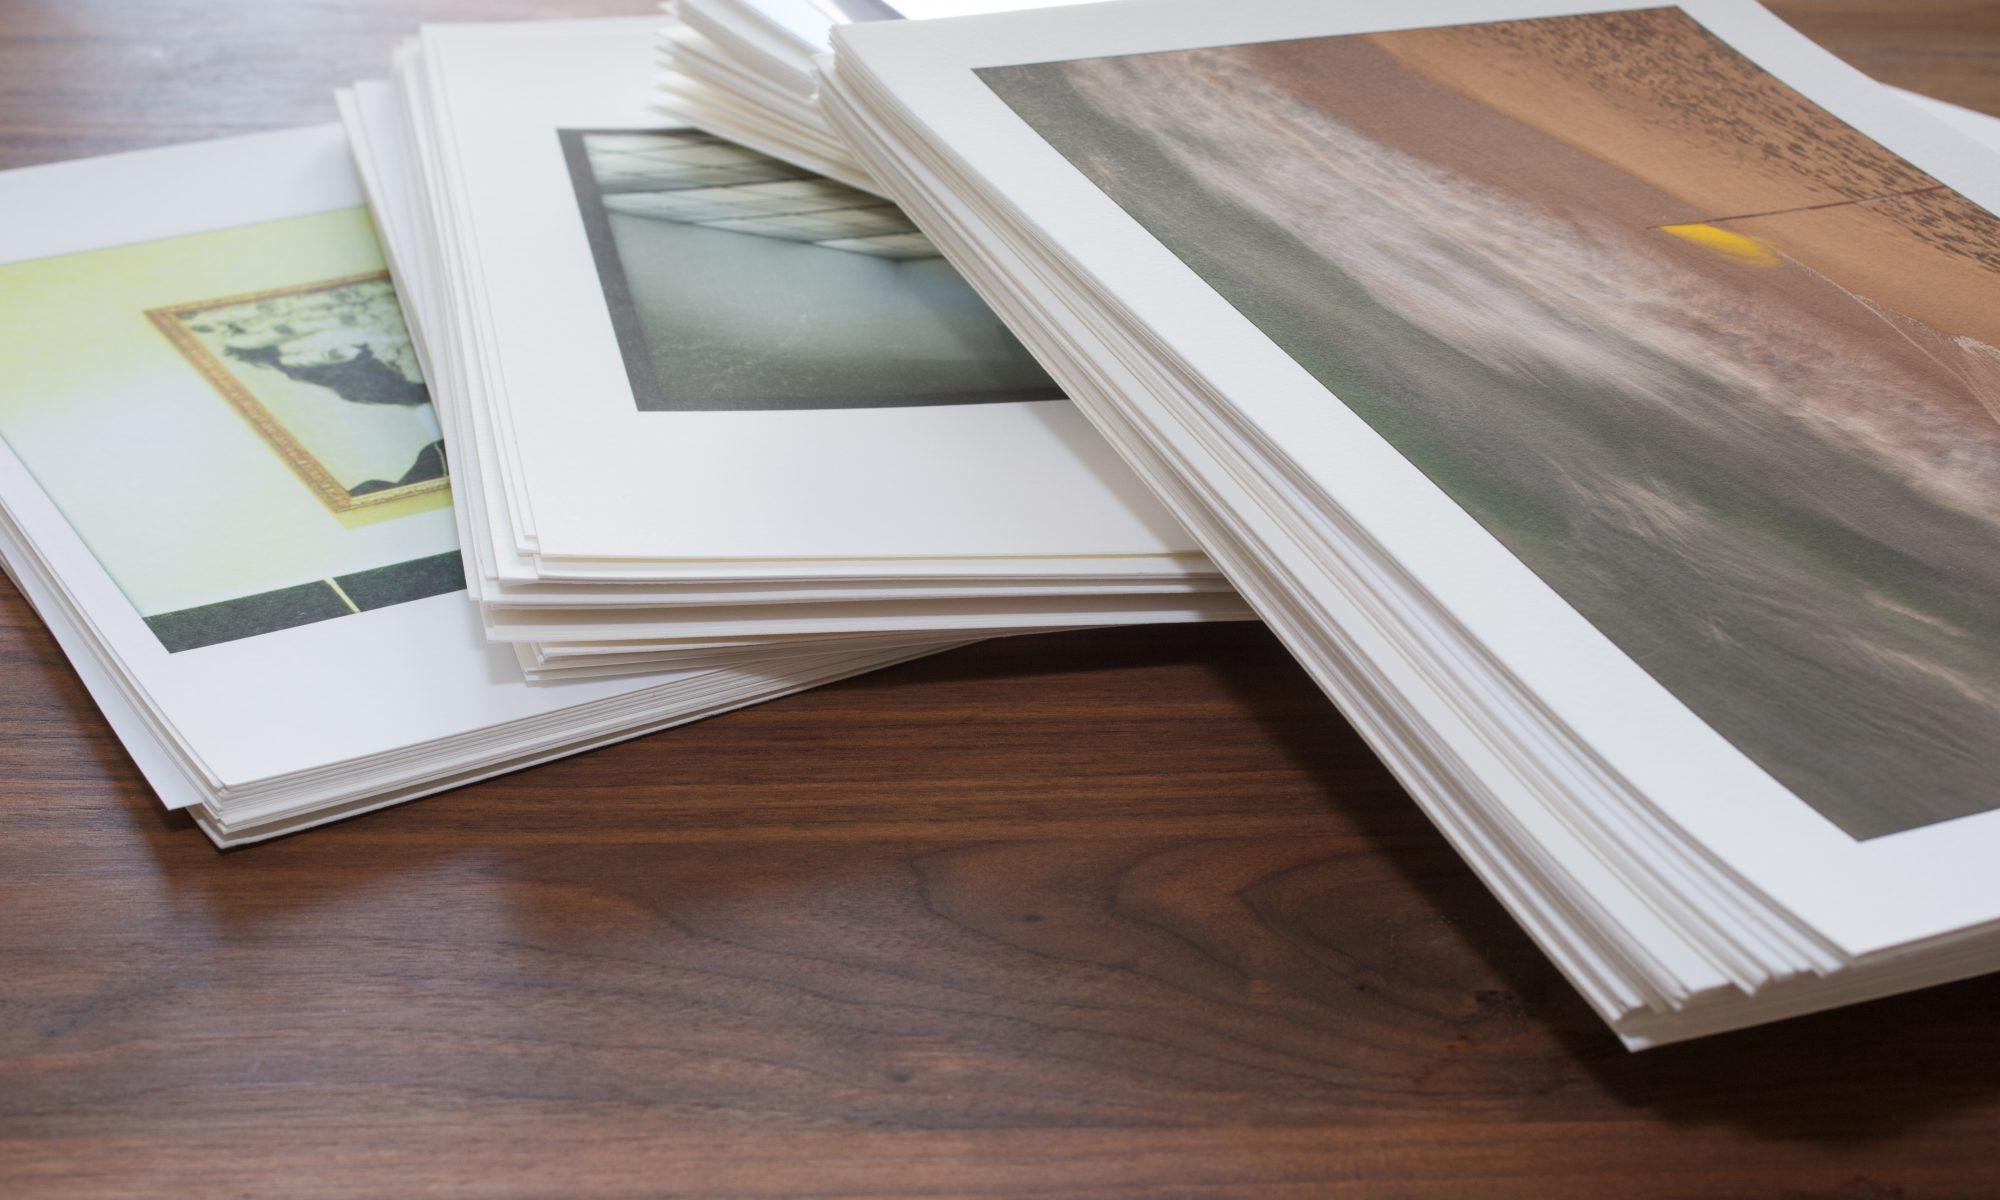 fotoforum reihe fotos perfekt drucken teil 10 fine art prints archivieren und pr sentieren. Black Bedroom Furniture Sets. Home Design Ideas